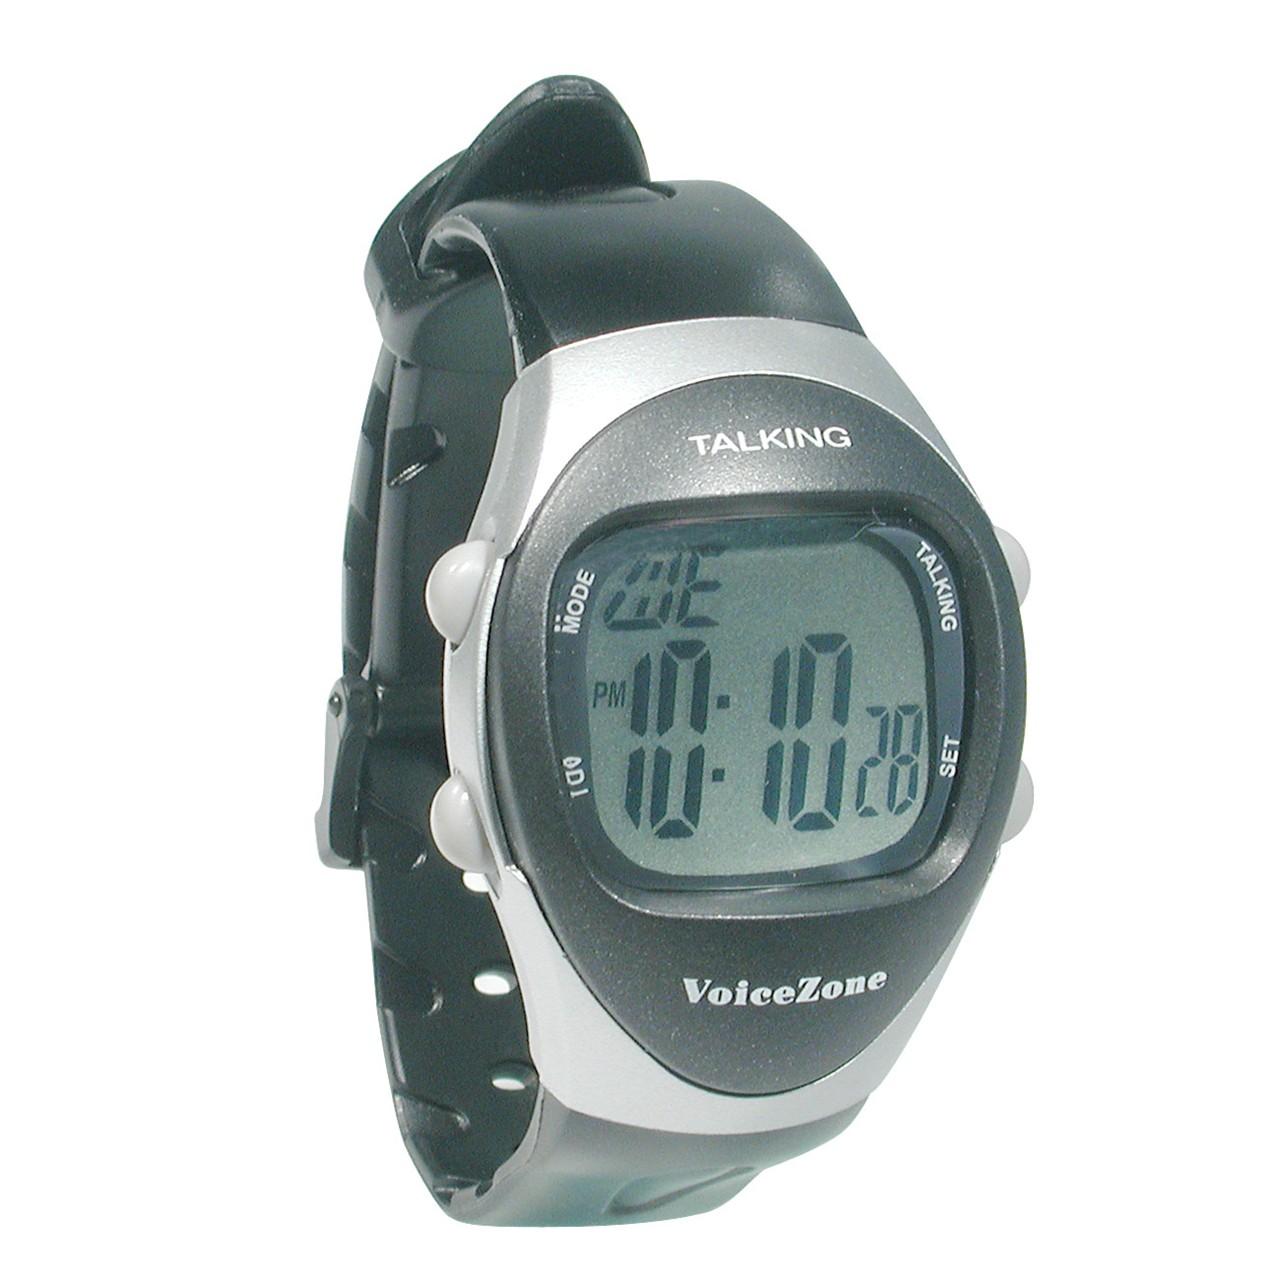 maxiaids mens talking 4 alarm medical watch mens talking 4 alarm medical watch